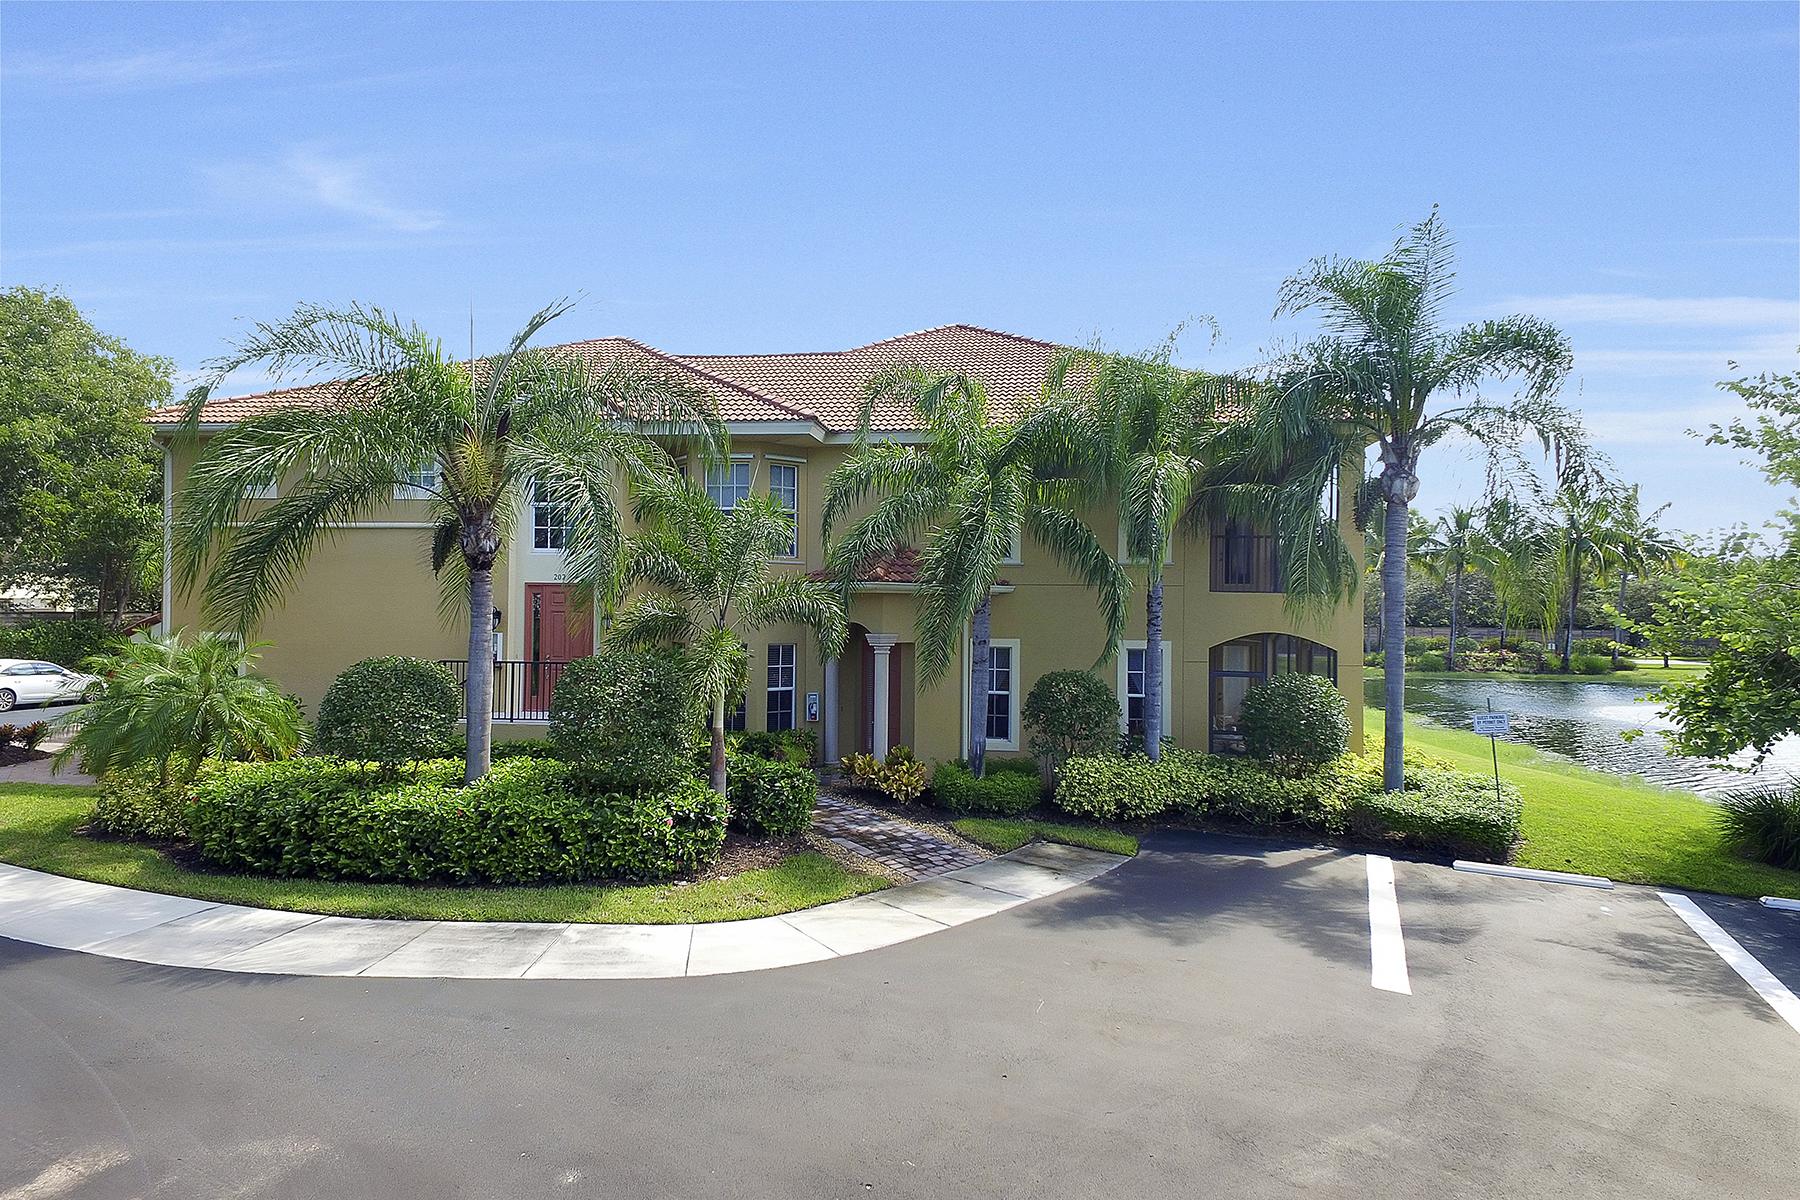 Condomínio para Venda às BANYAN WOODS - RESERVE II 5070 Blauvelt Ct 102 Naples, Florida, 34105 Estados Unidos